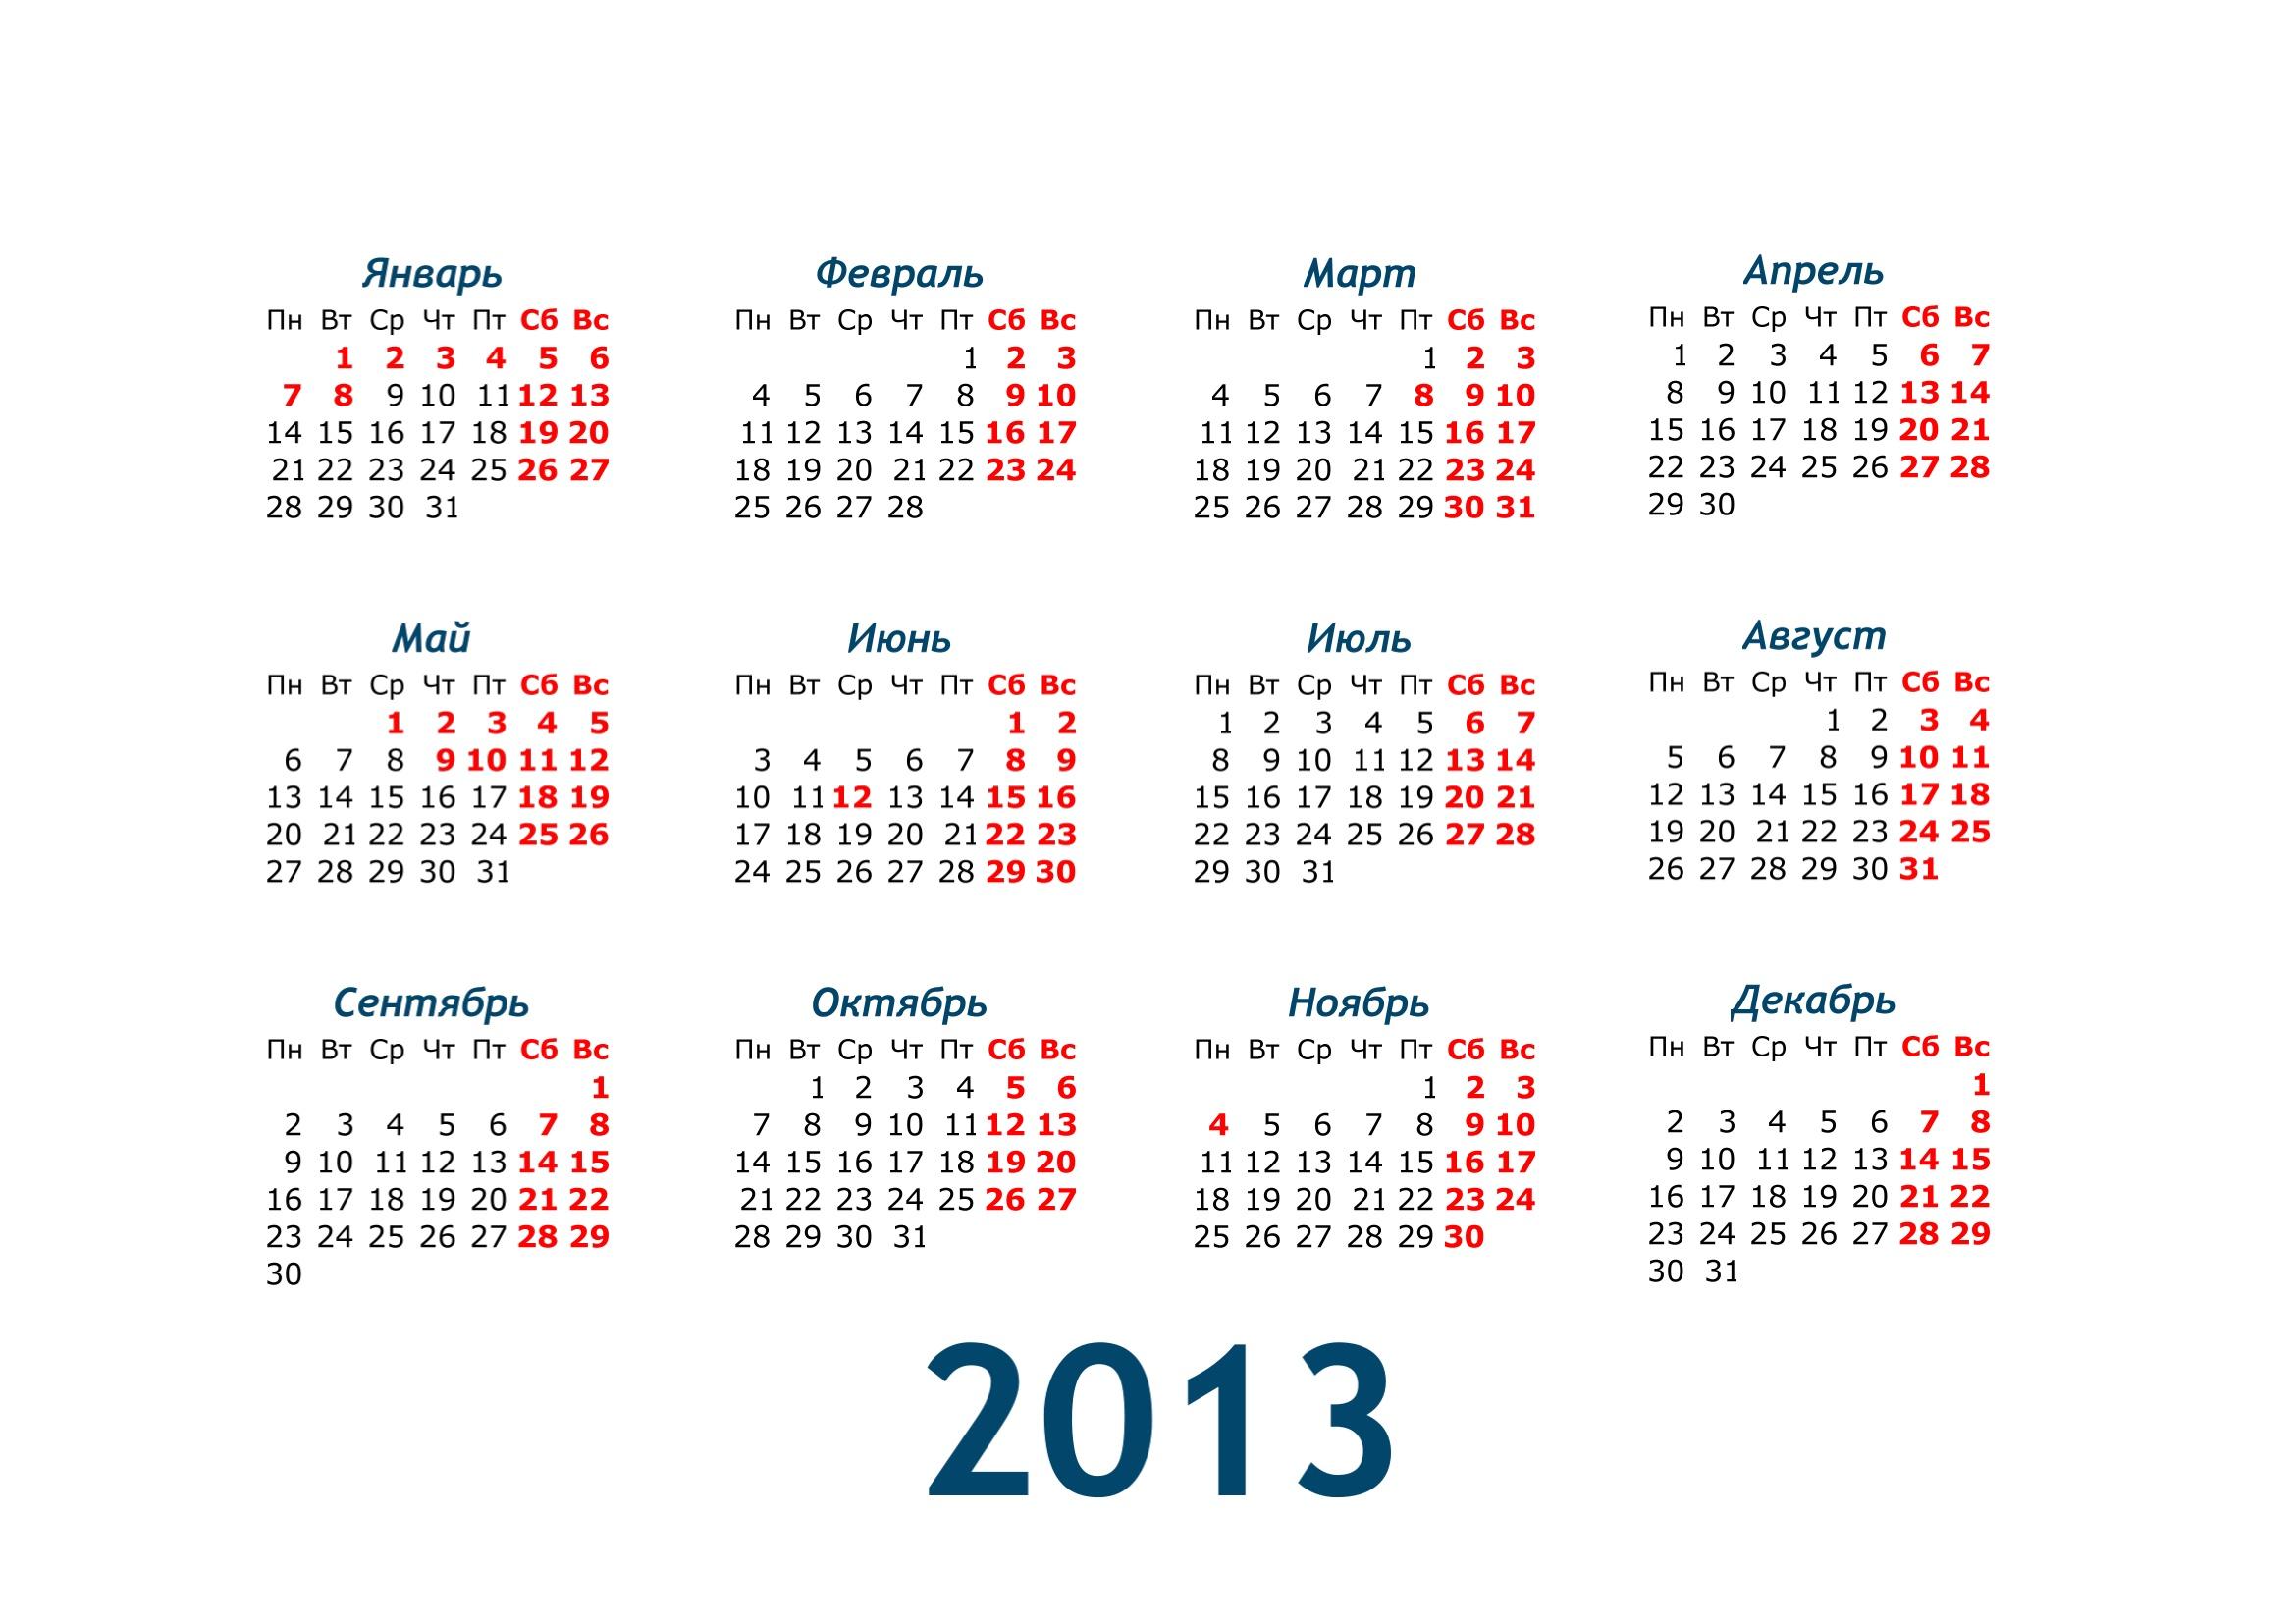 В 2013 году большинство жителей России будут отдыхать 118 дней, что на 1 день больше, чем в году минувшем.